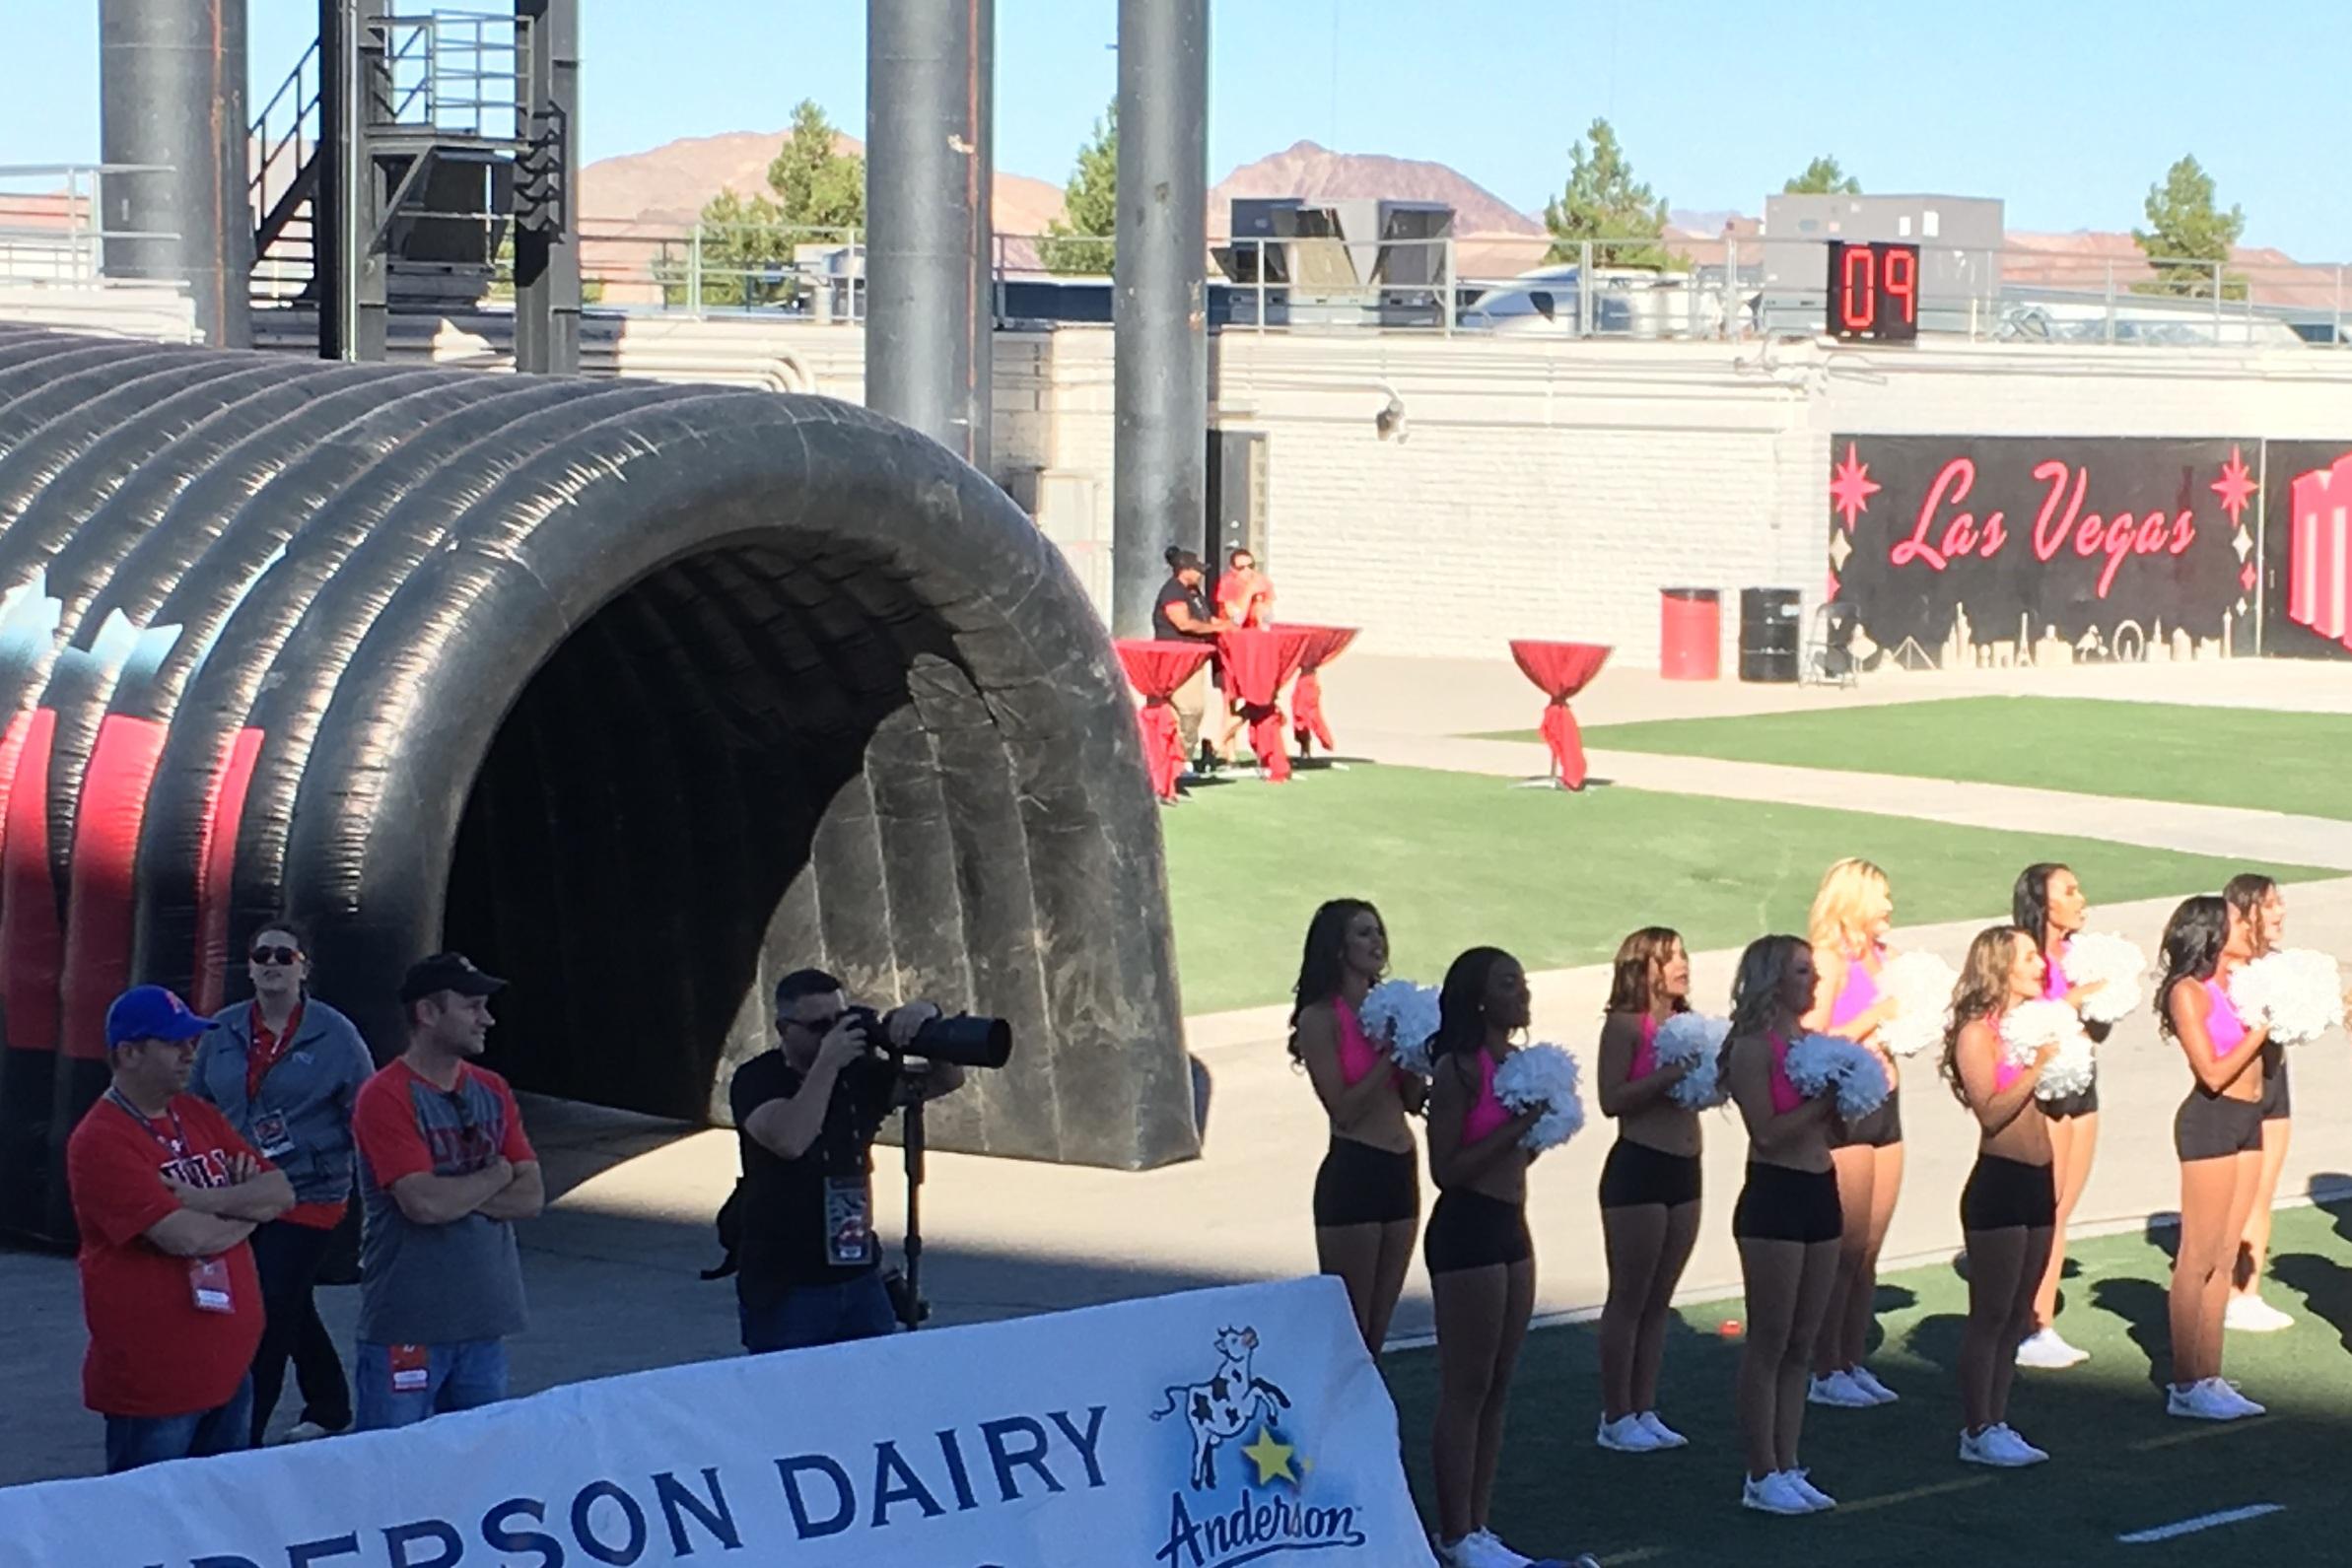 Game 39: Utah State Aggies @ UNLV Rebels